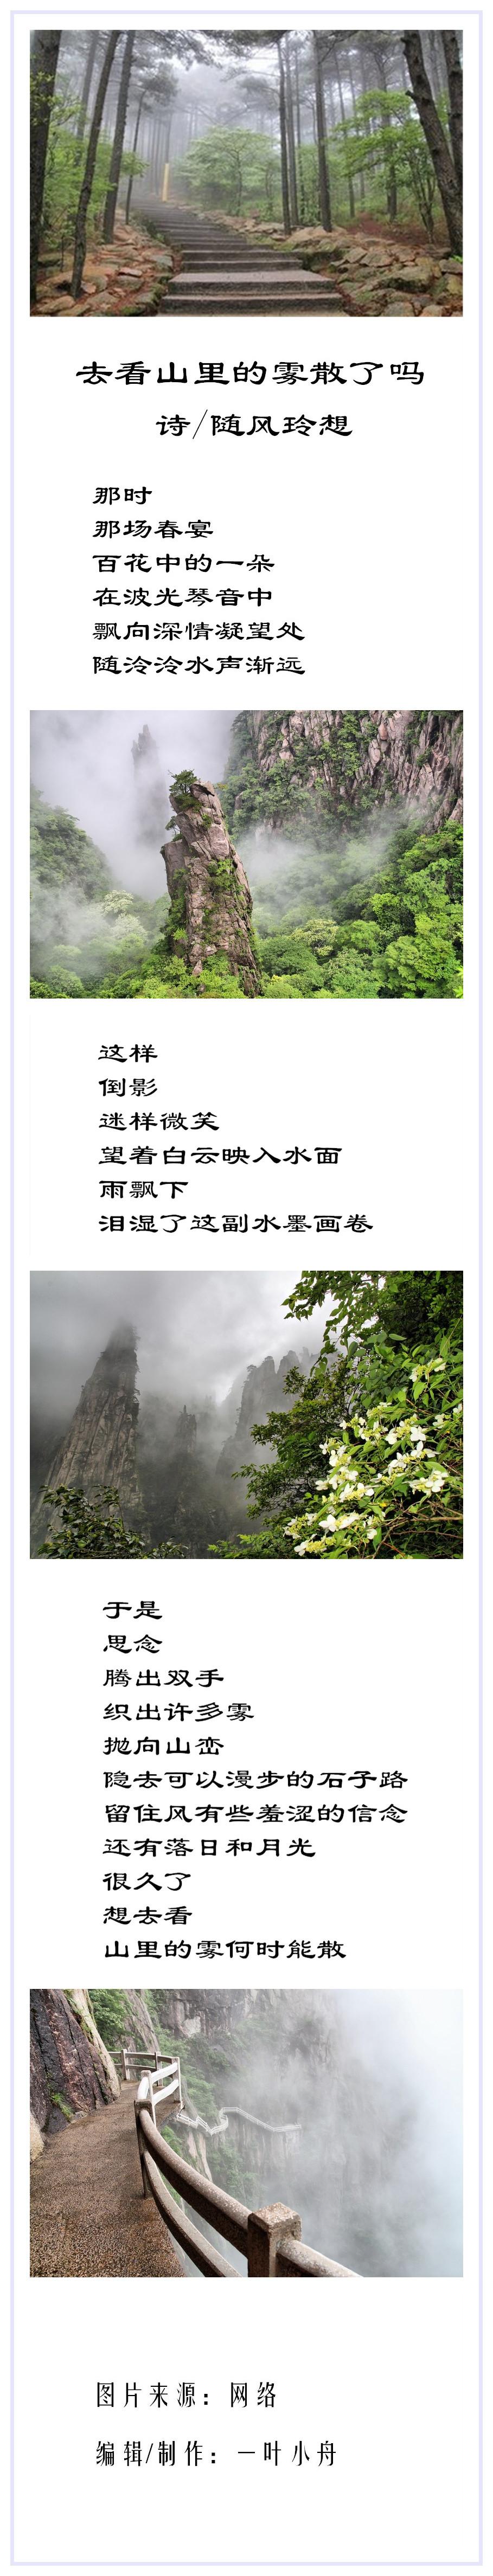 去看山里的雾散了吗诗合成